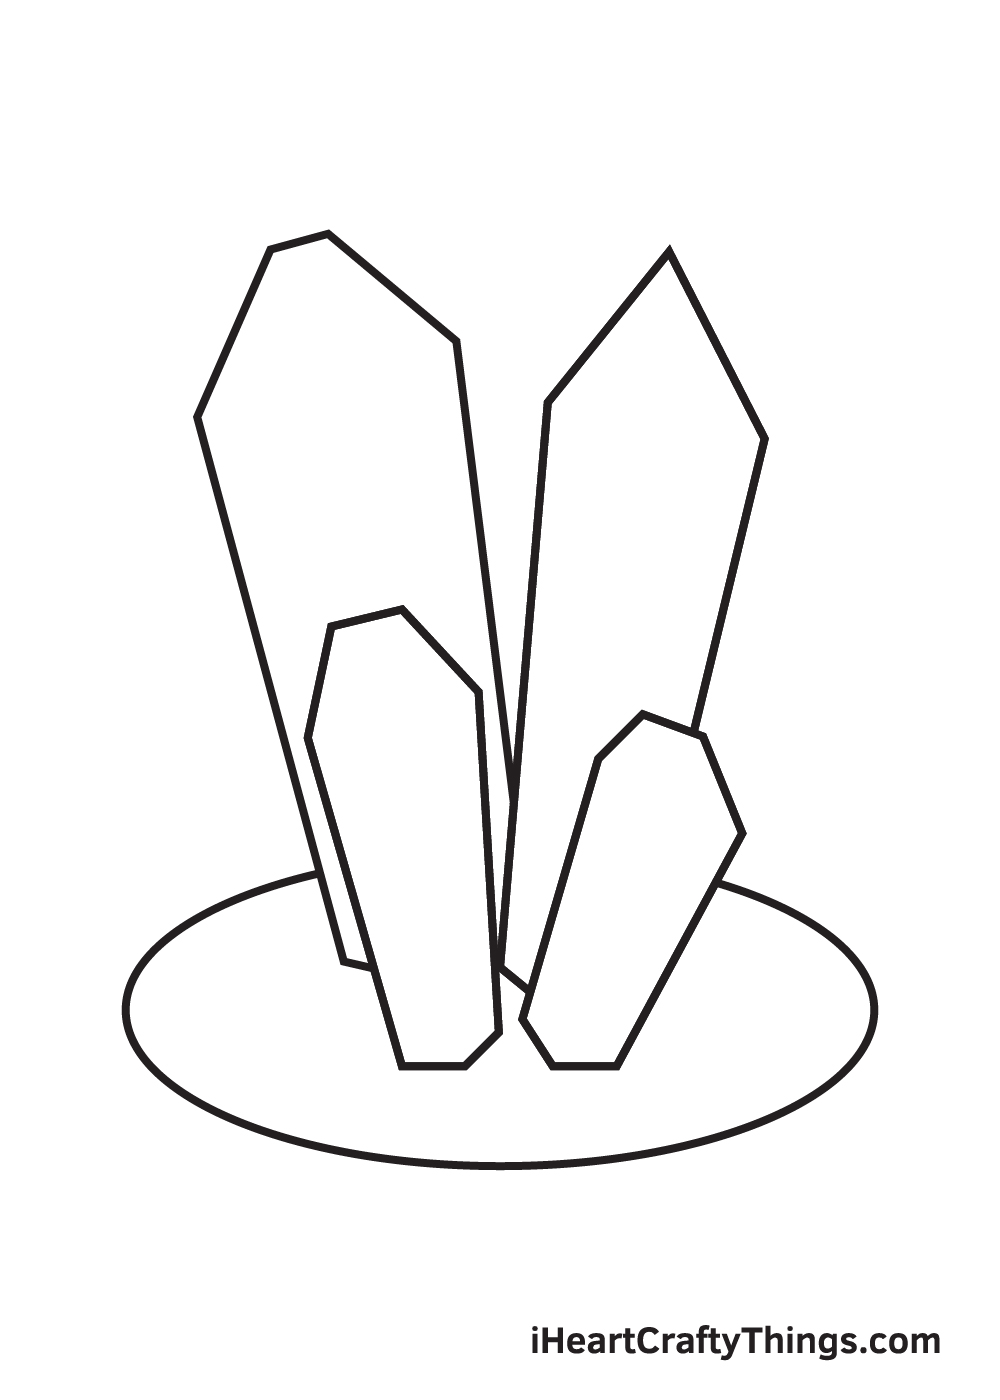 crystals drawing step 5